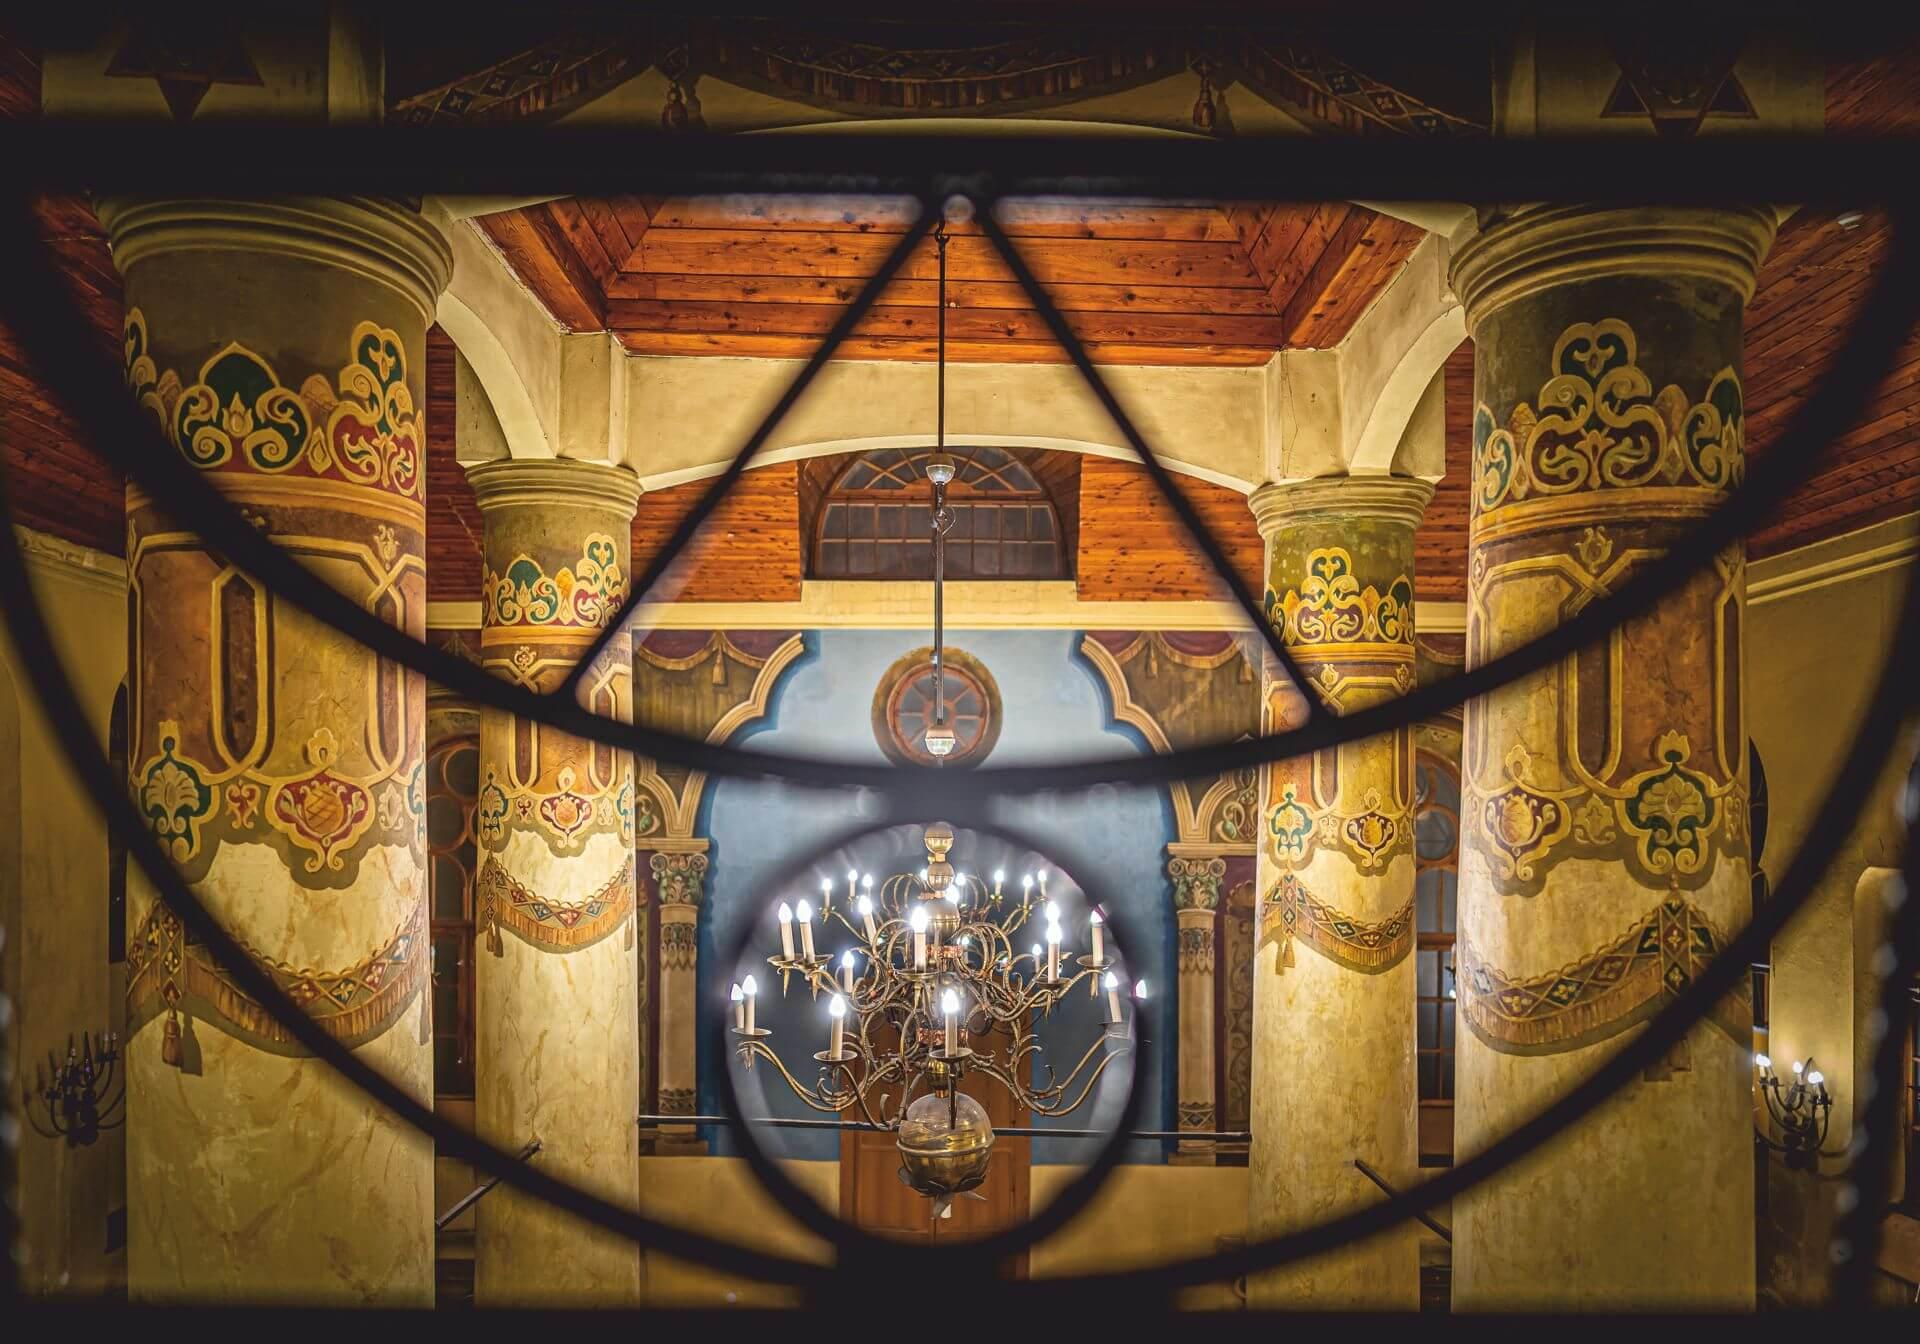 Zdjęcie wnętrza Synagogi wykonane przez Tomasza Kulasa.